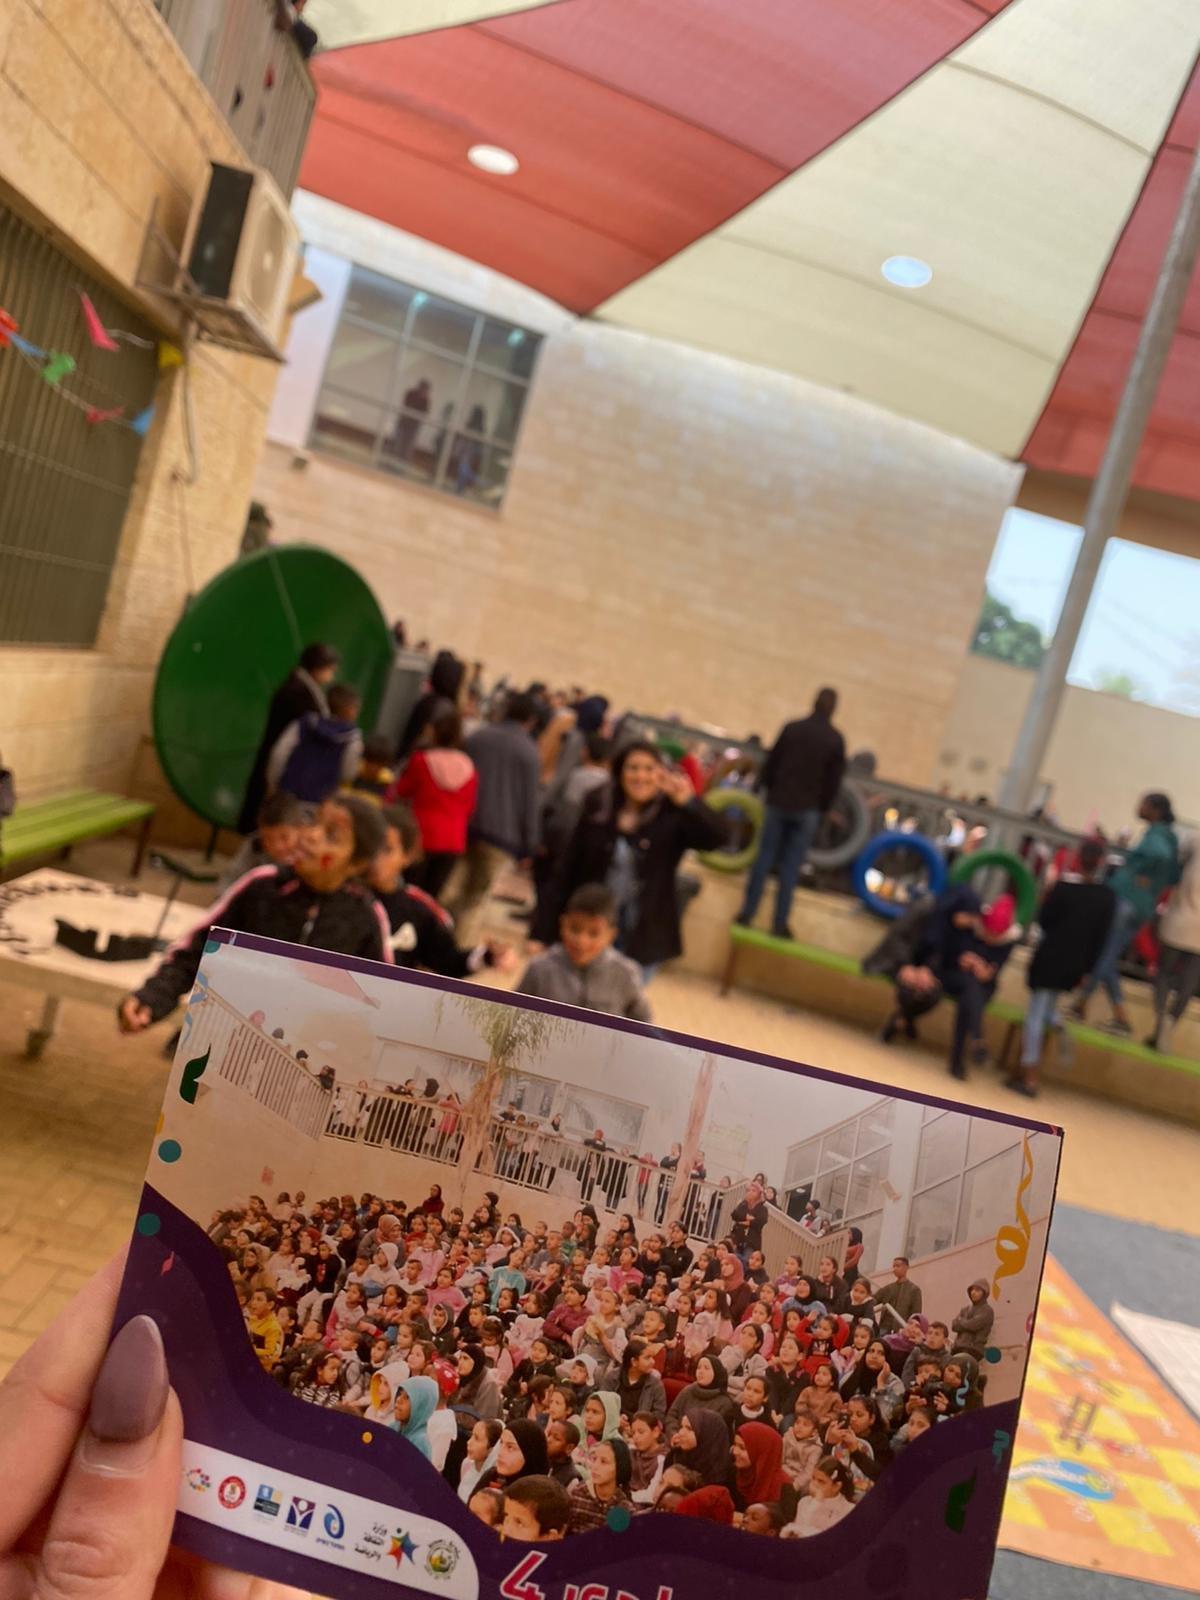 اختتام فعاليات مهرجان حلوة يا بلدي 4 بمشاركة الالاف في المركز الجماهيري رهط